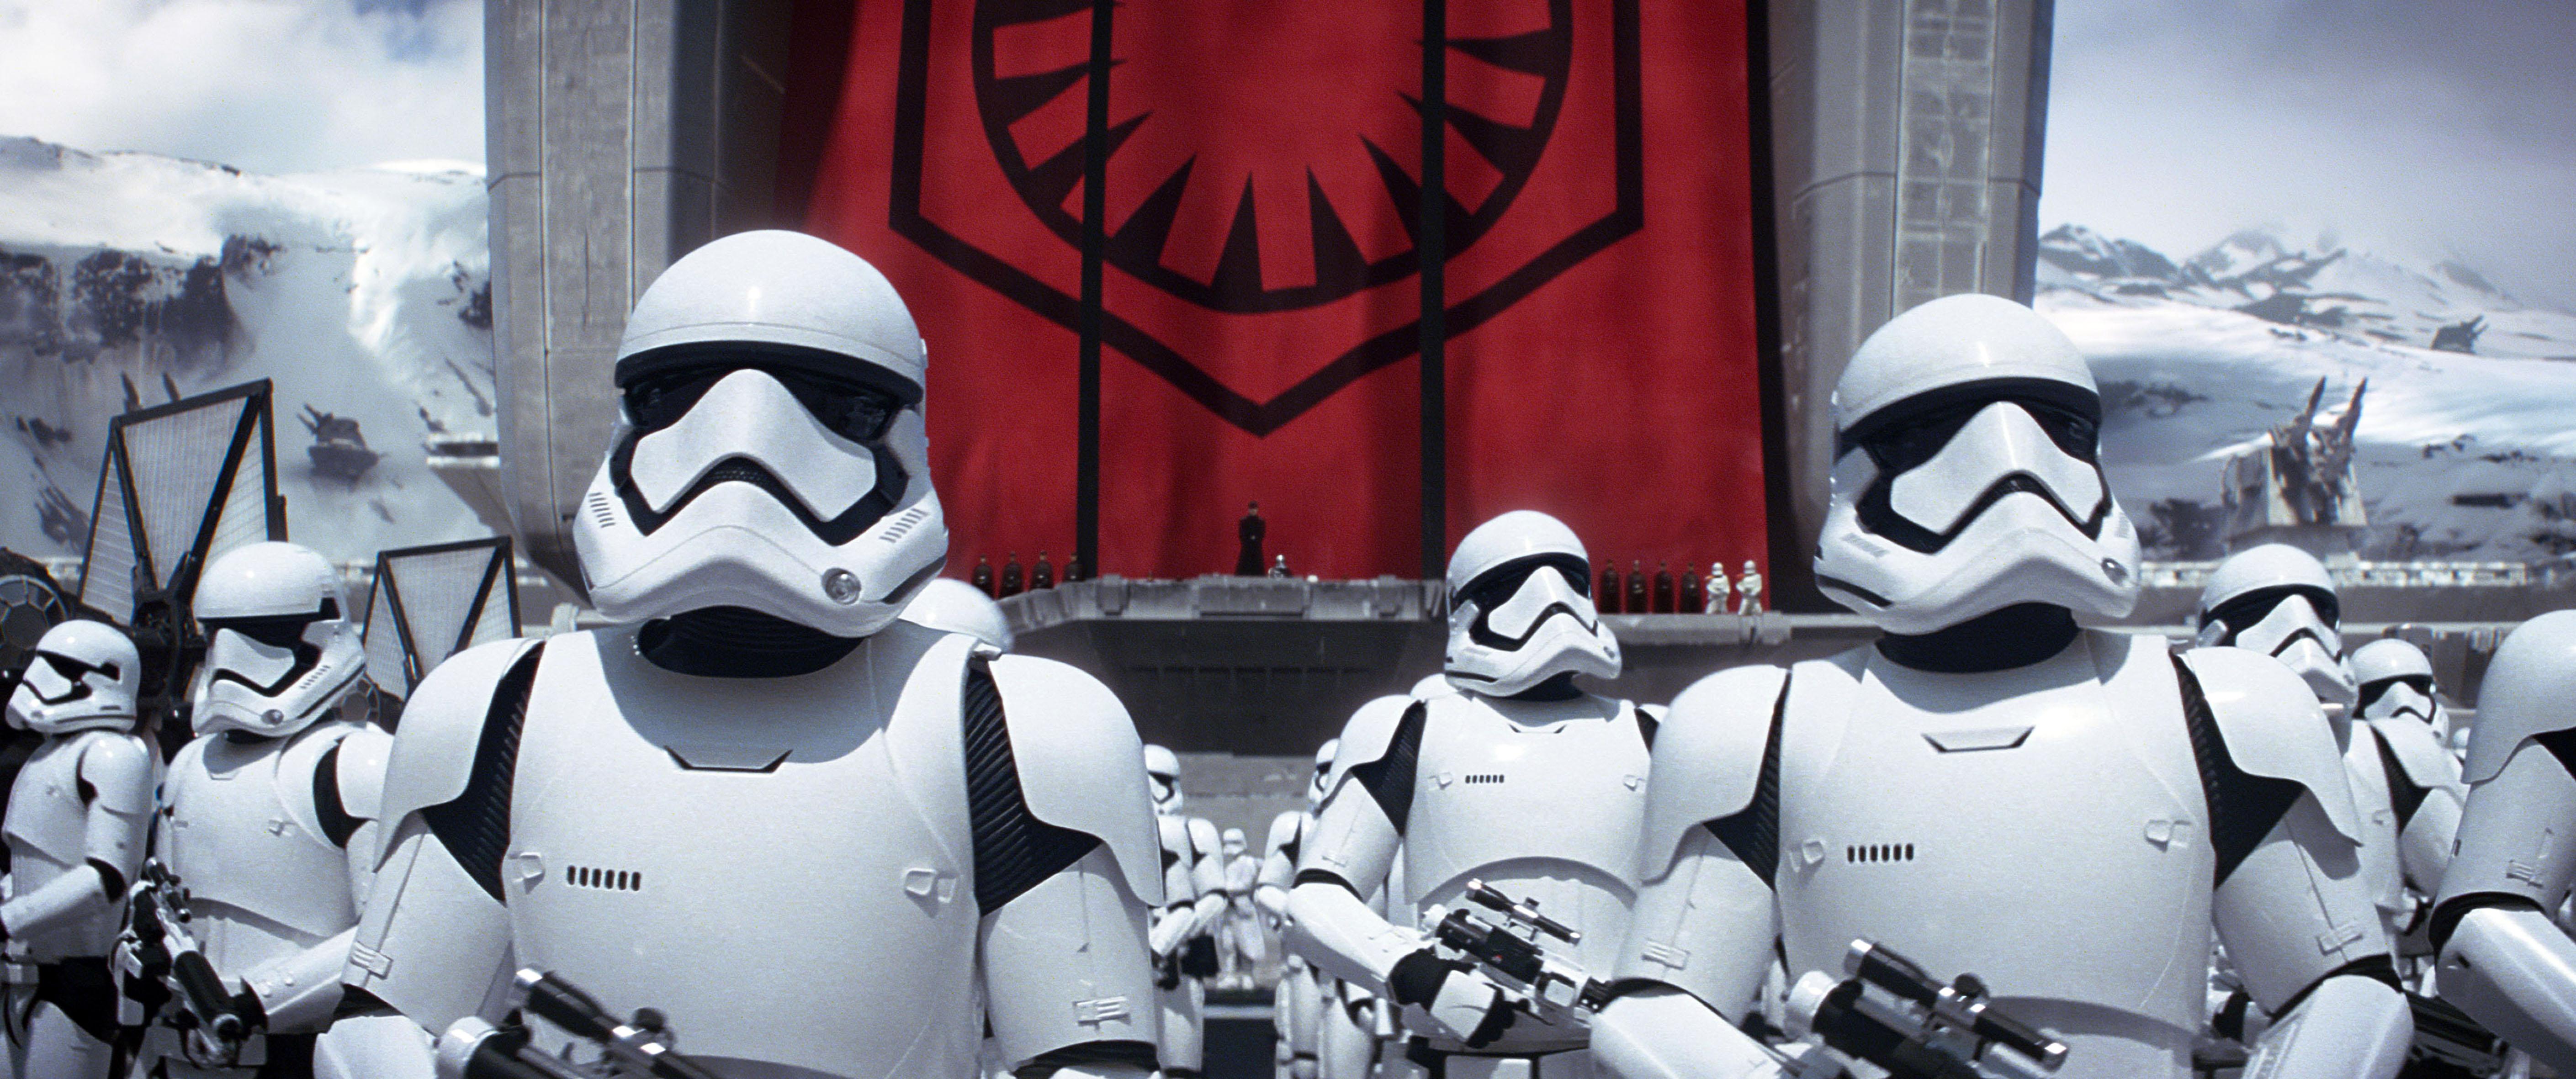 Nem akarja, hogy szembejöjjön a neten egy Star Wars spoiler? Van megoldás!!4